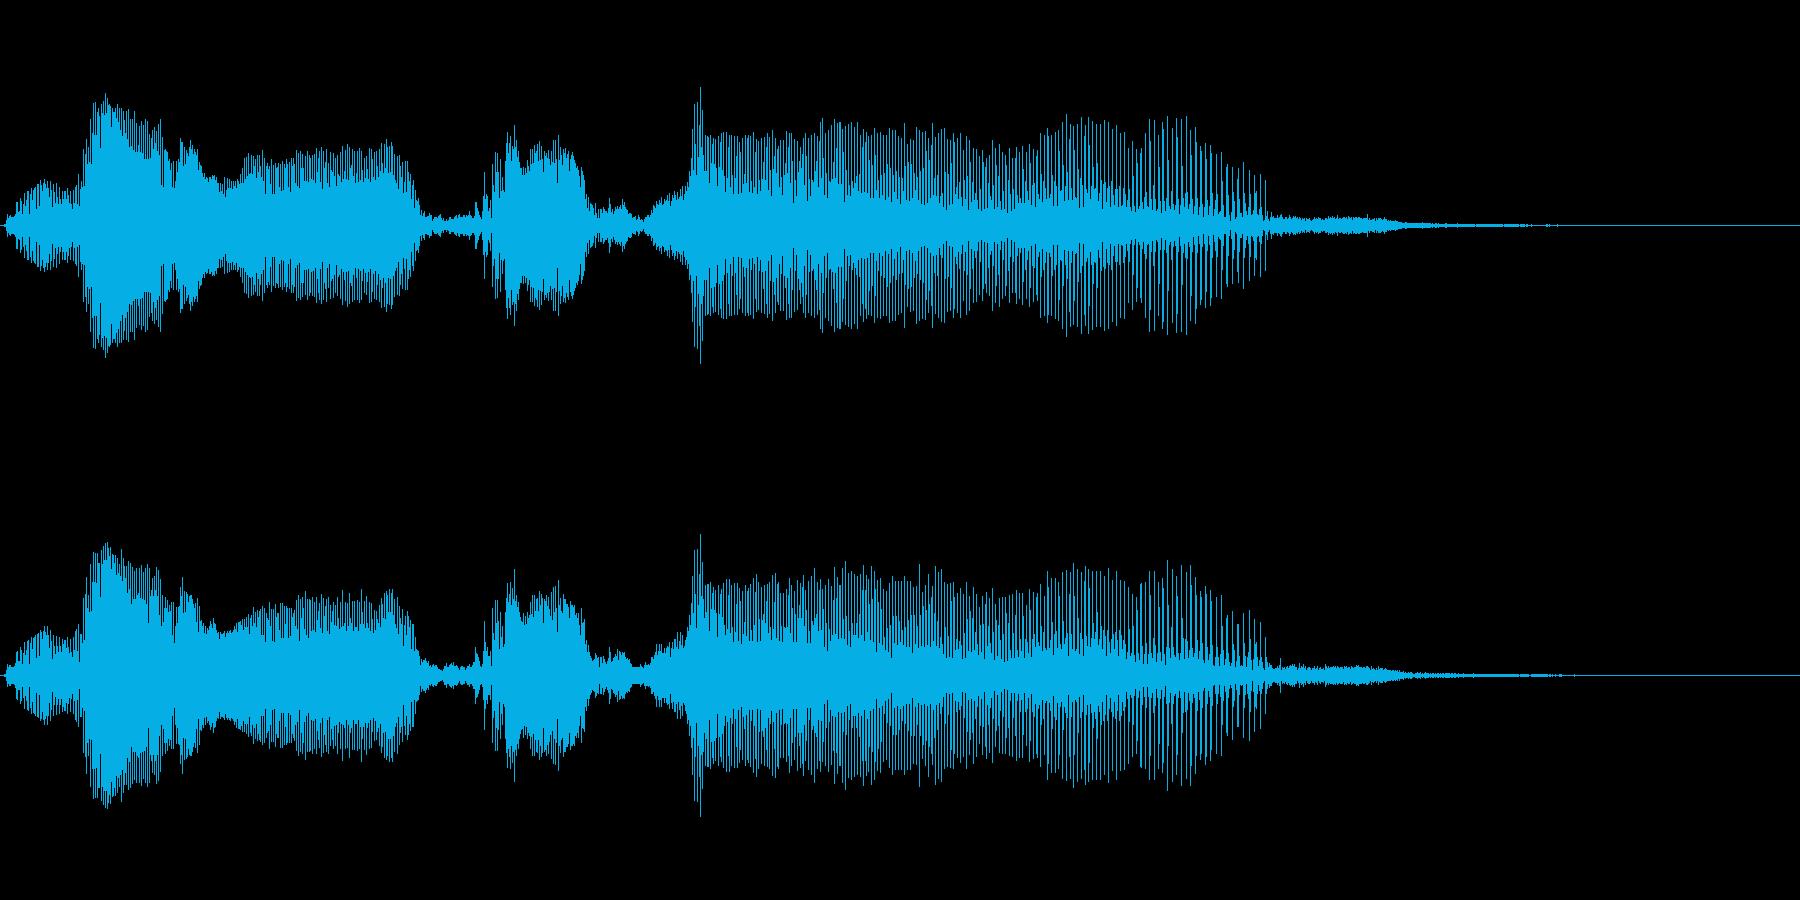 「メリークリスマス」の再生済みの波形